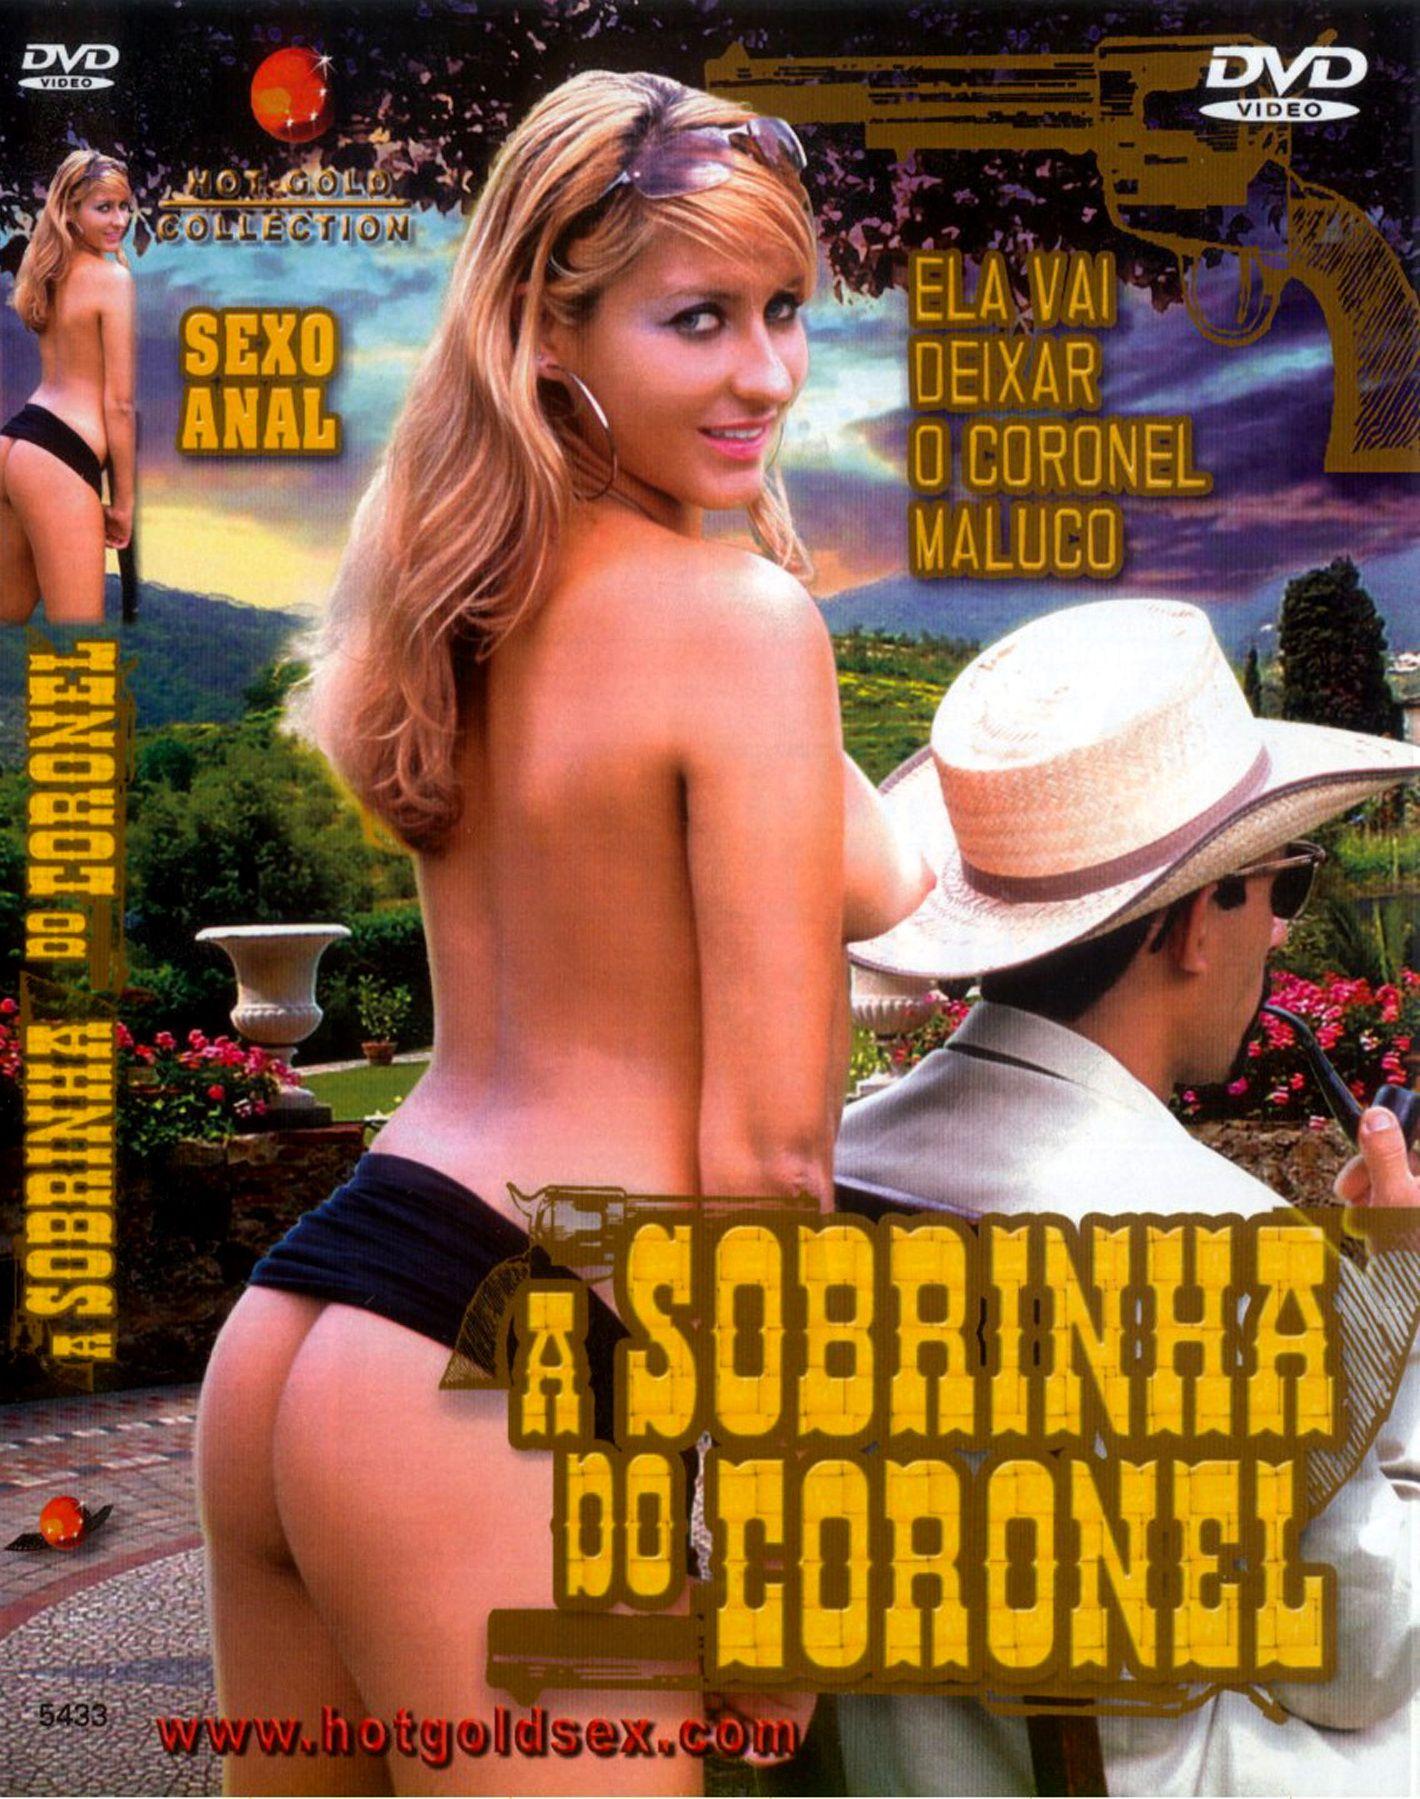 Peliculas porno usa en castellano Pelicula Completa En Espanol Pampaporno Com